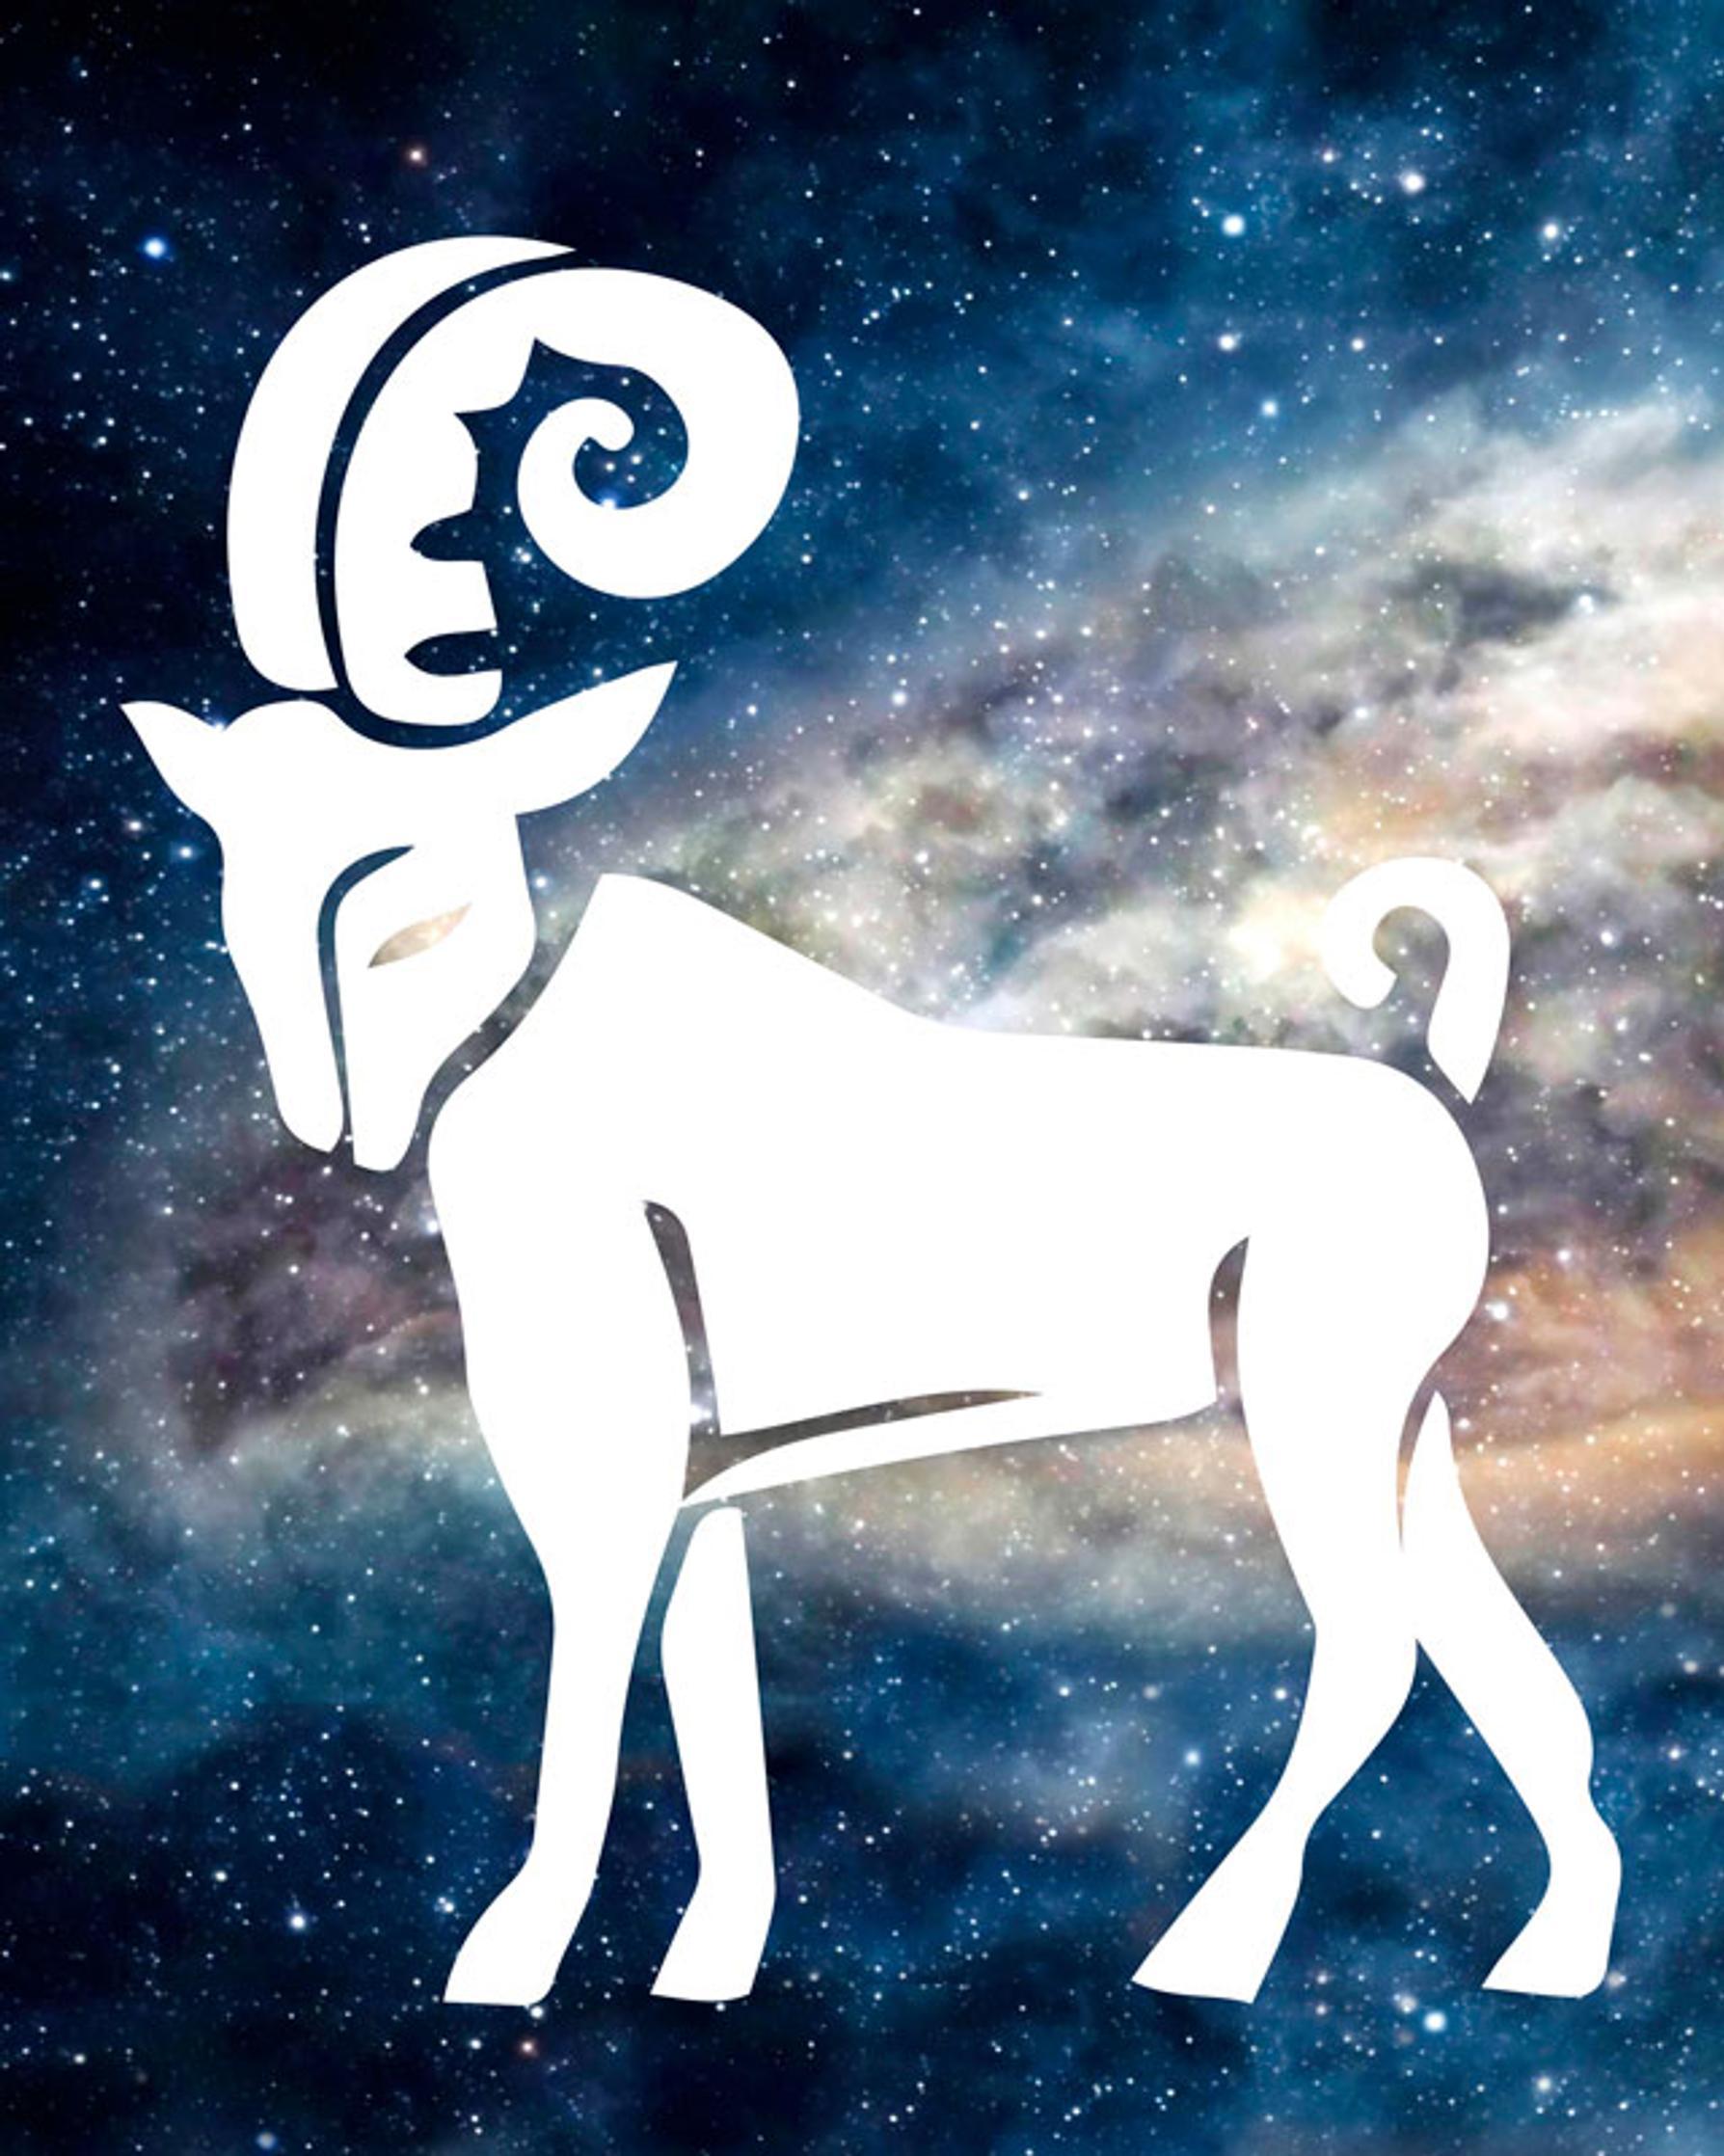 Oinas Horoskooppimerkki